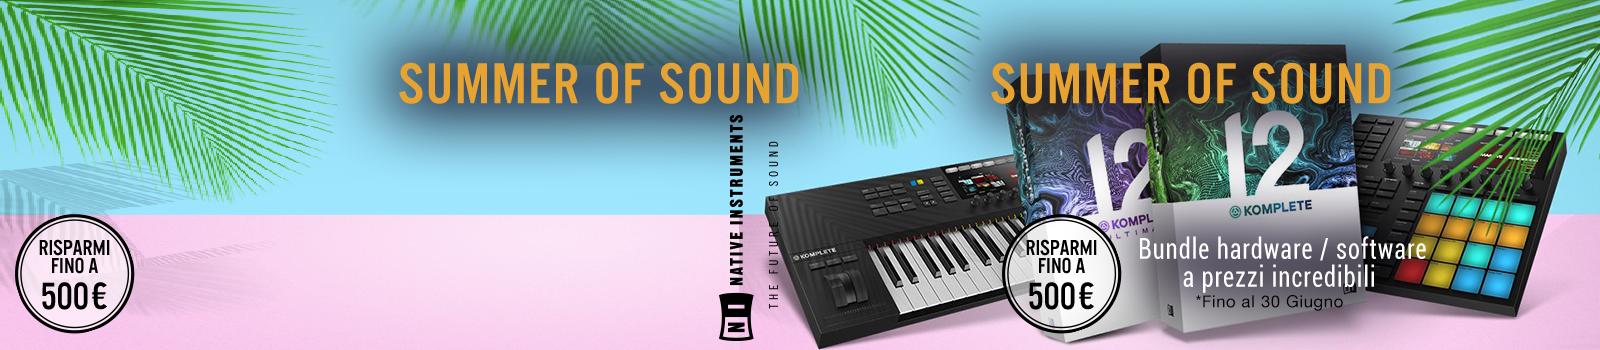 summer sound desk